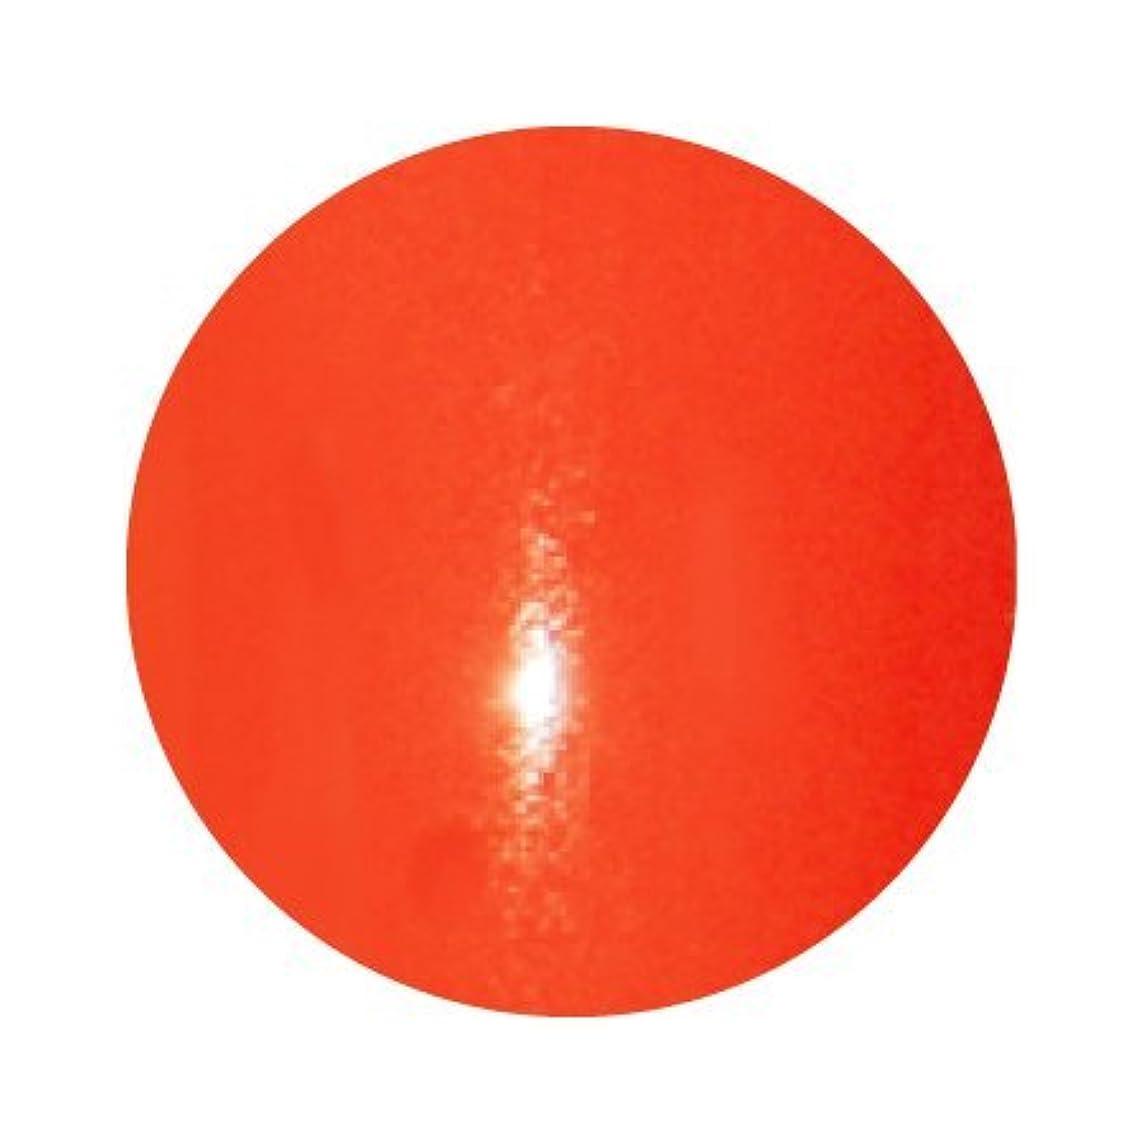 拍車最も著名なジェルネイル カラージェル プリジェル PREGEL スーパーカラーEX PG-SE811 マリーゴールド 3g